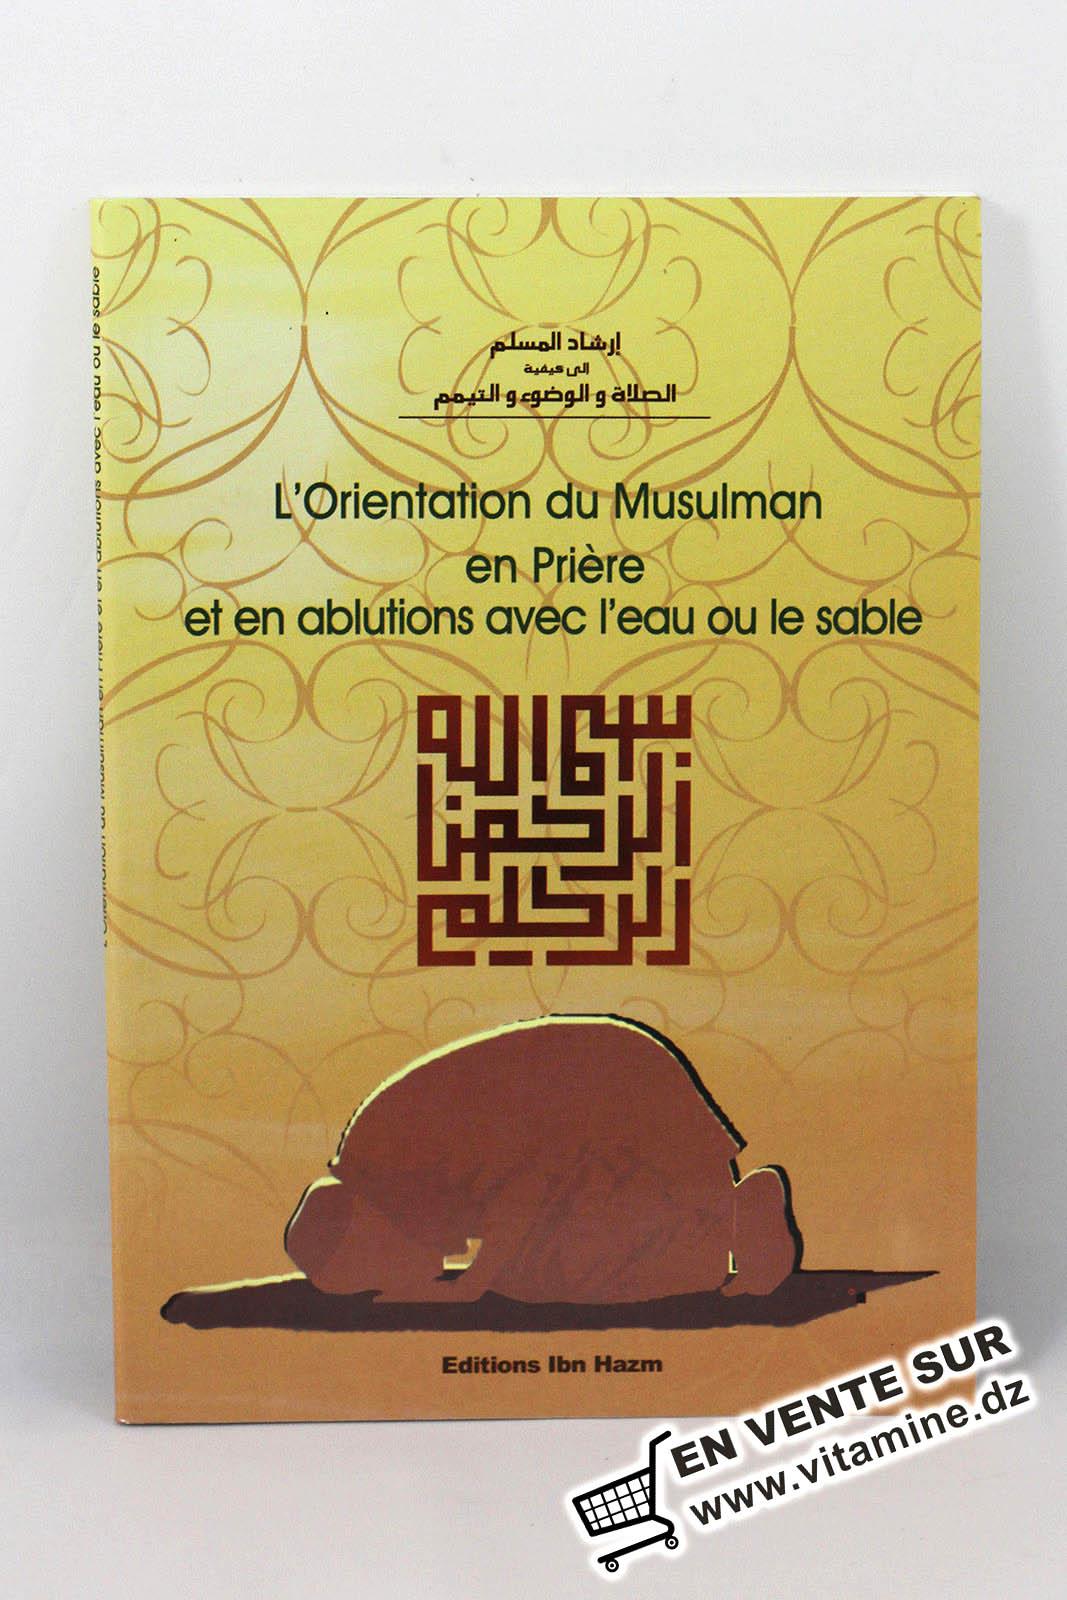 L'Orientation du Musulman en Prière et en Ablution avec l'eau et le sable